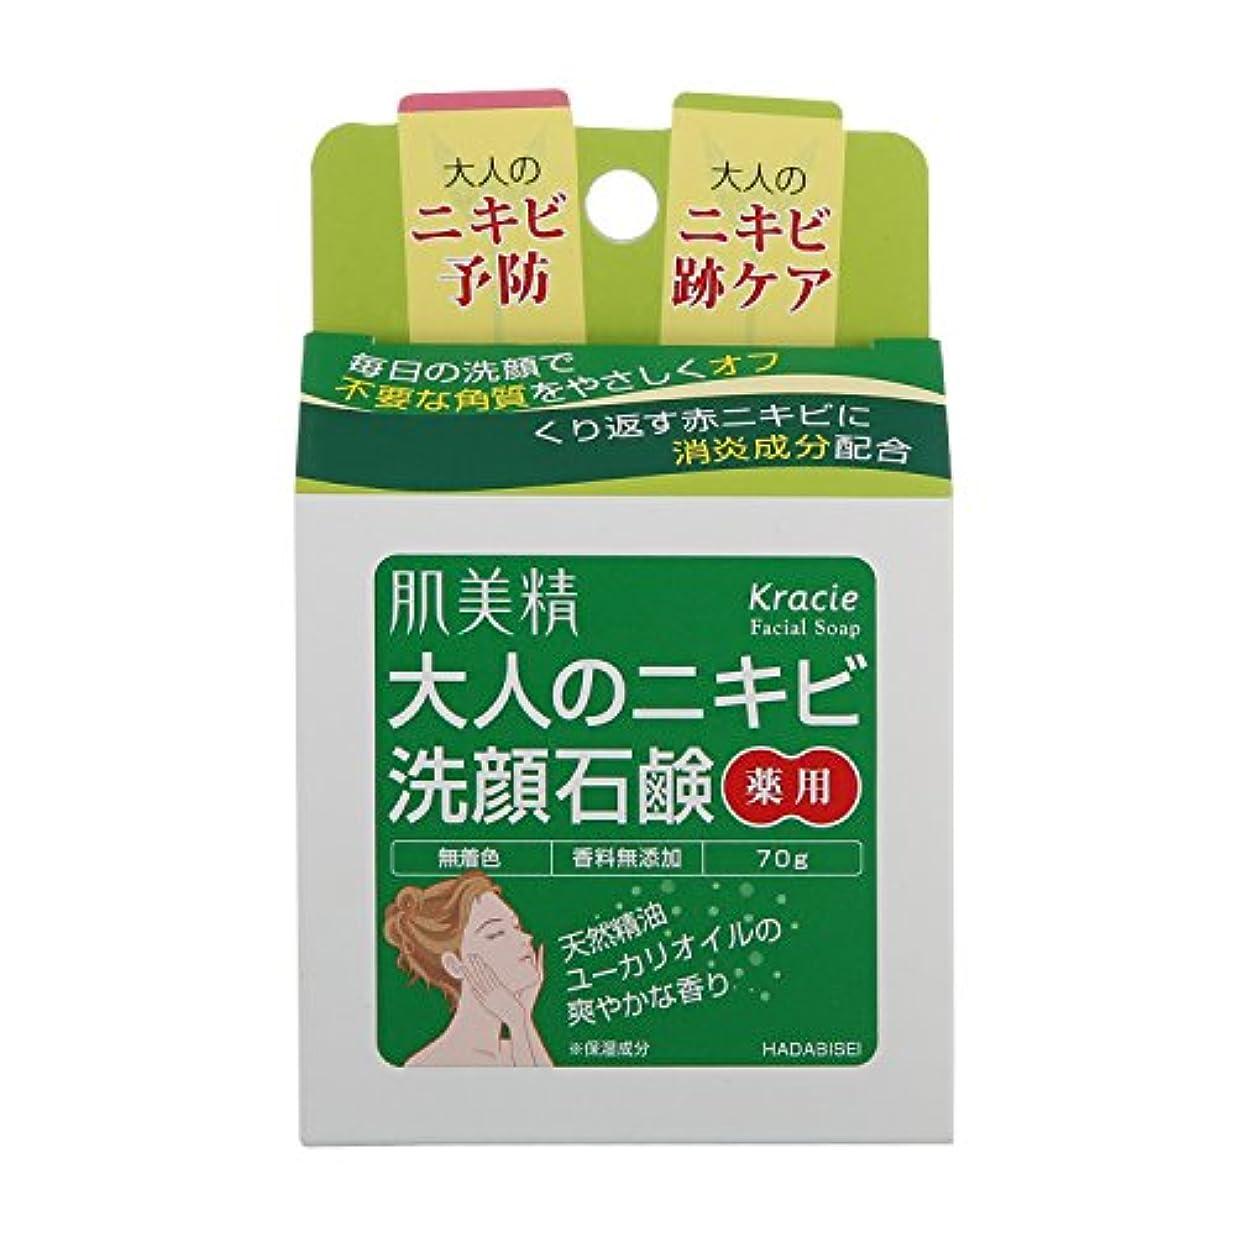 苗キウイ聖域肌美精 大人のニキビ 薬用洗顔石鹸 70g  [医薬部外品]